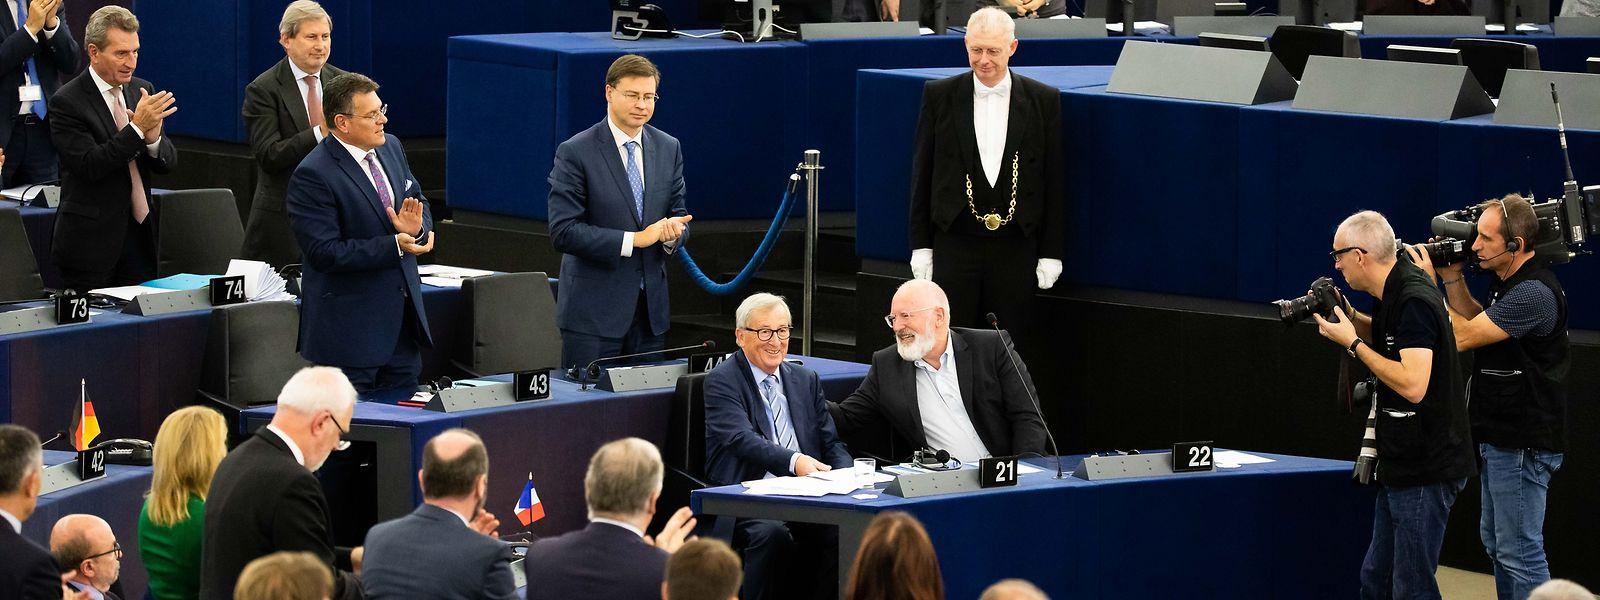 Jean-Claude Juncker in seinem natürlichen Habitat.